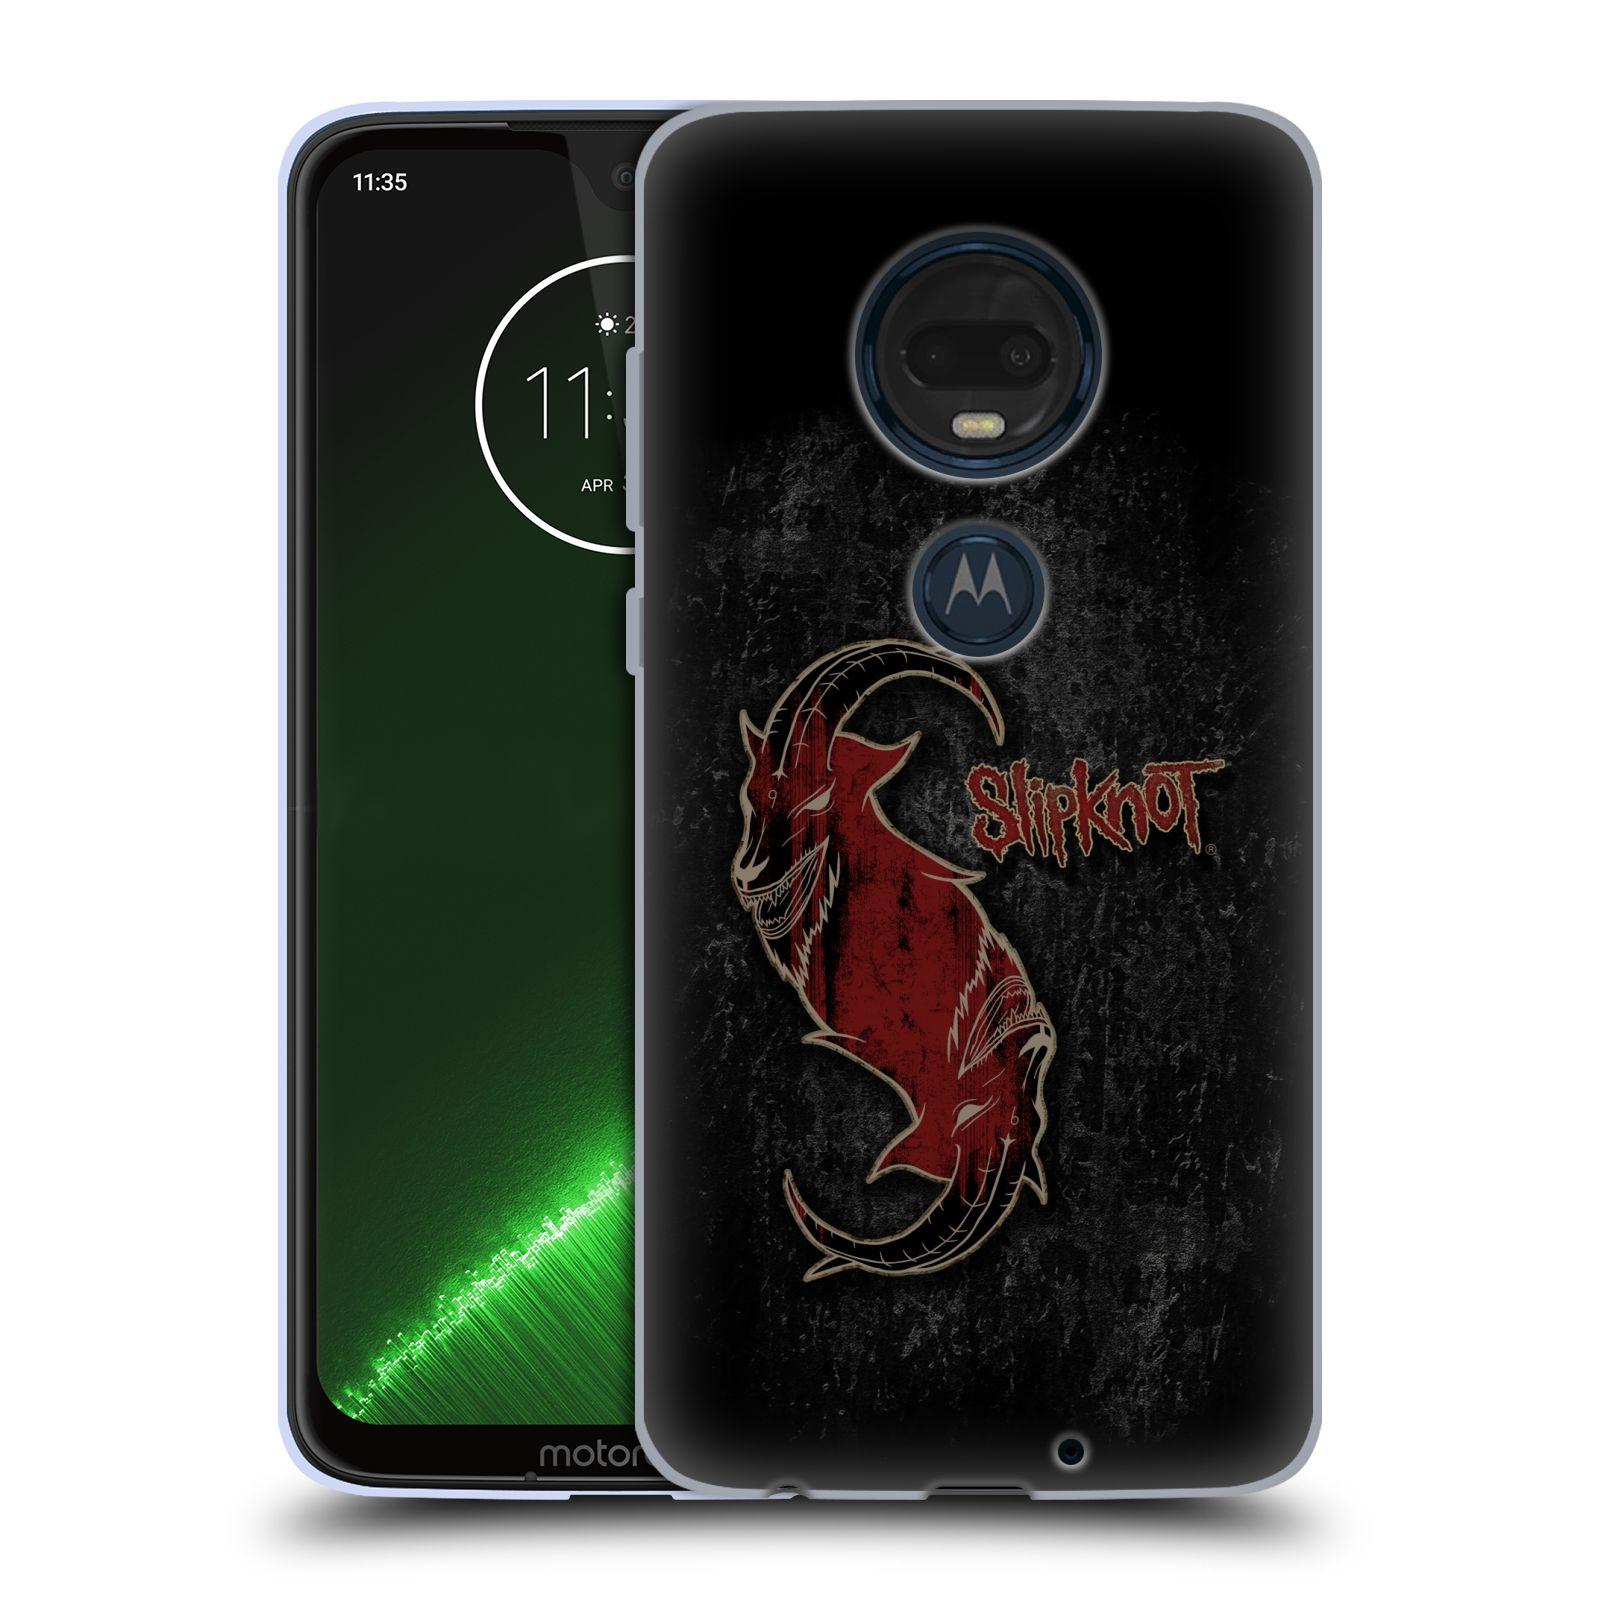 Silikonové pouzdro na mobil Motorola Moto G7 Plus - Head Case - Slipknot - Rudý kozel